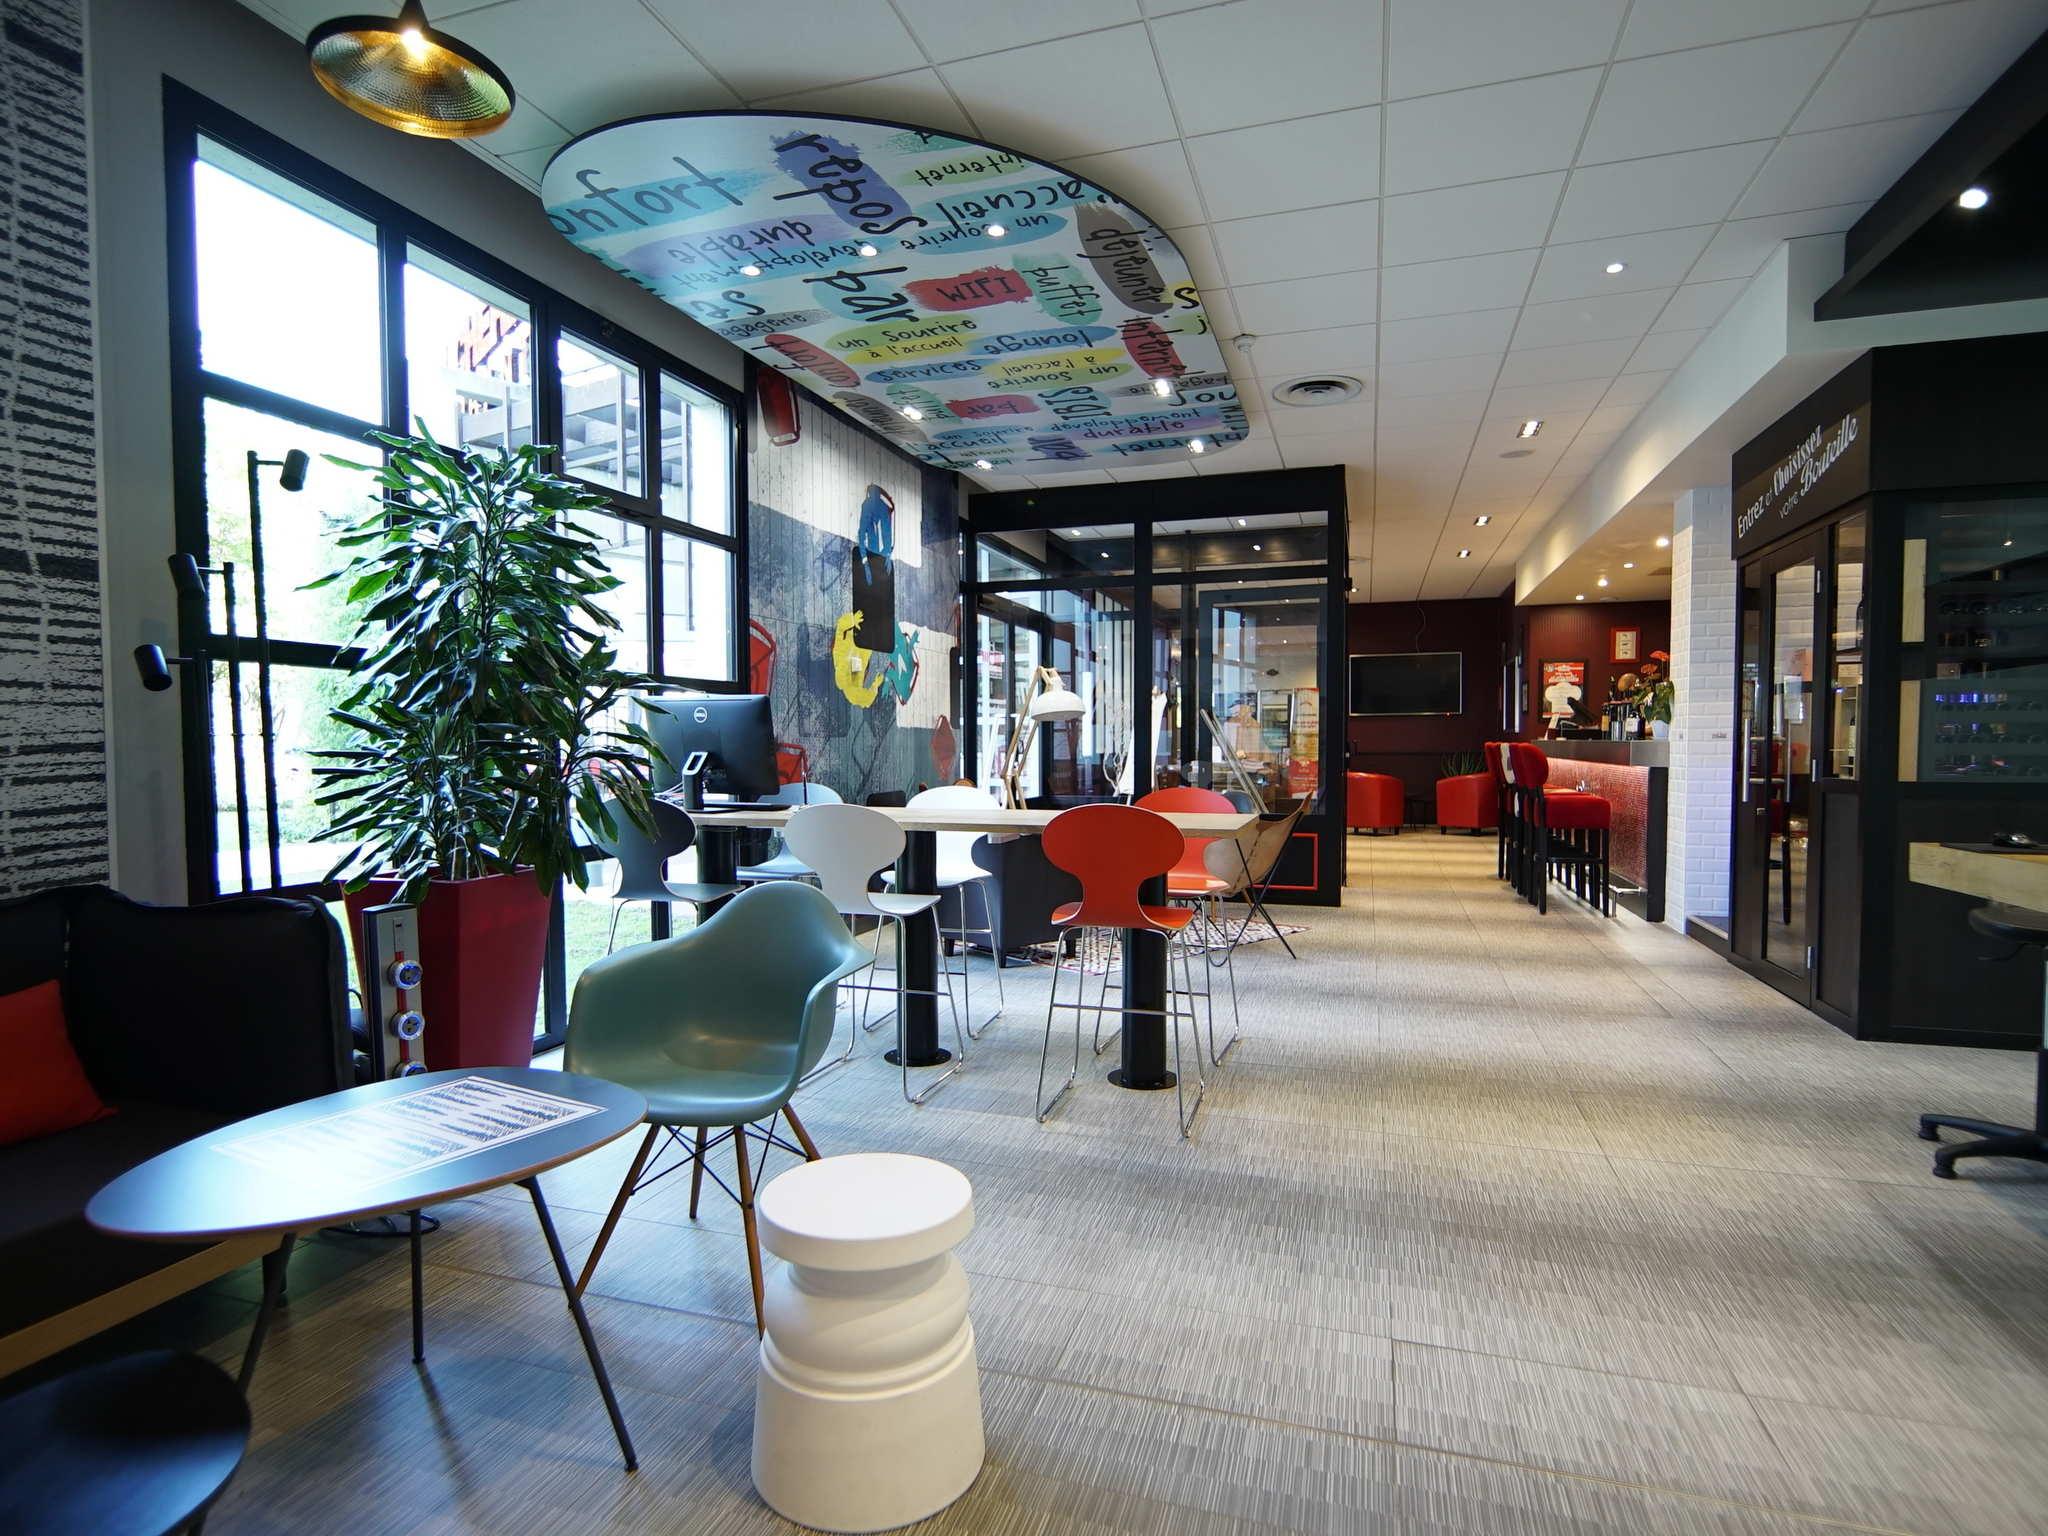 Hotel Ibis Style Villepinte